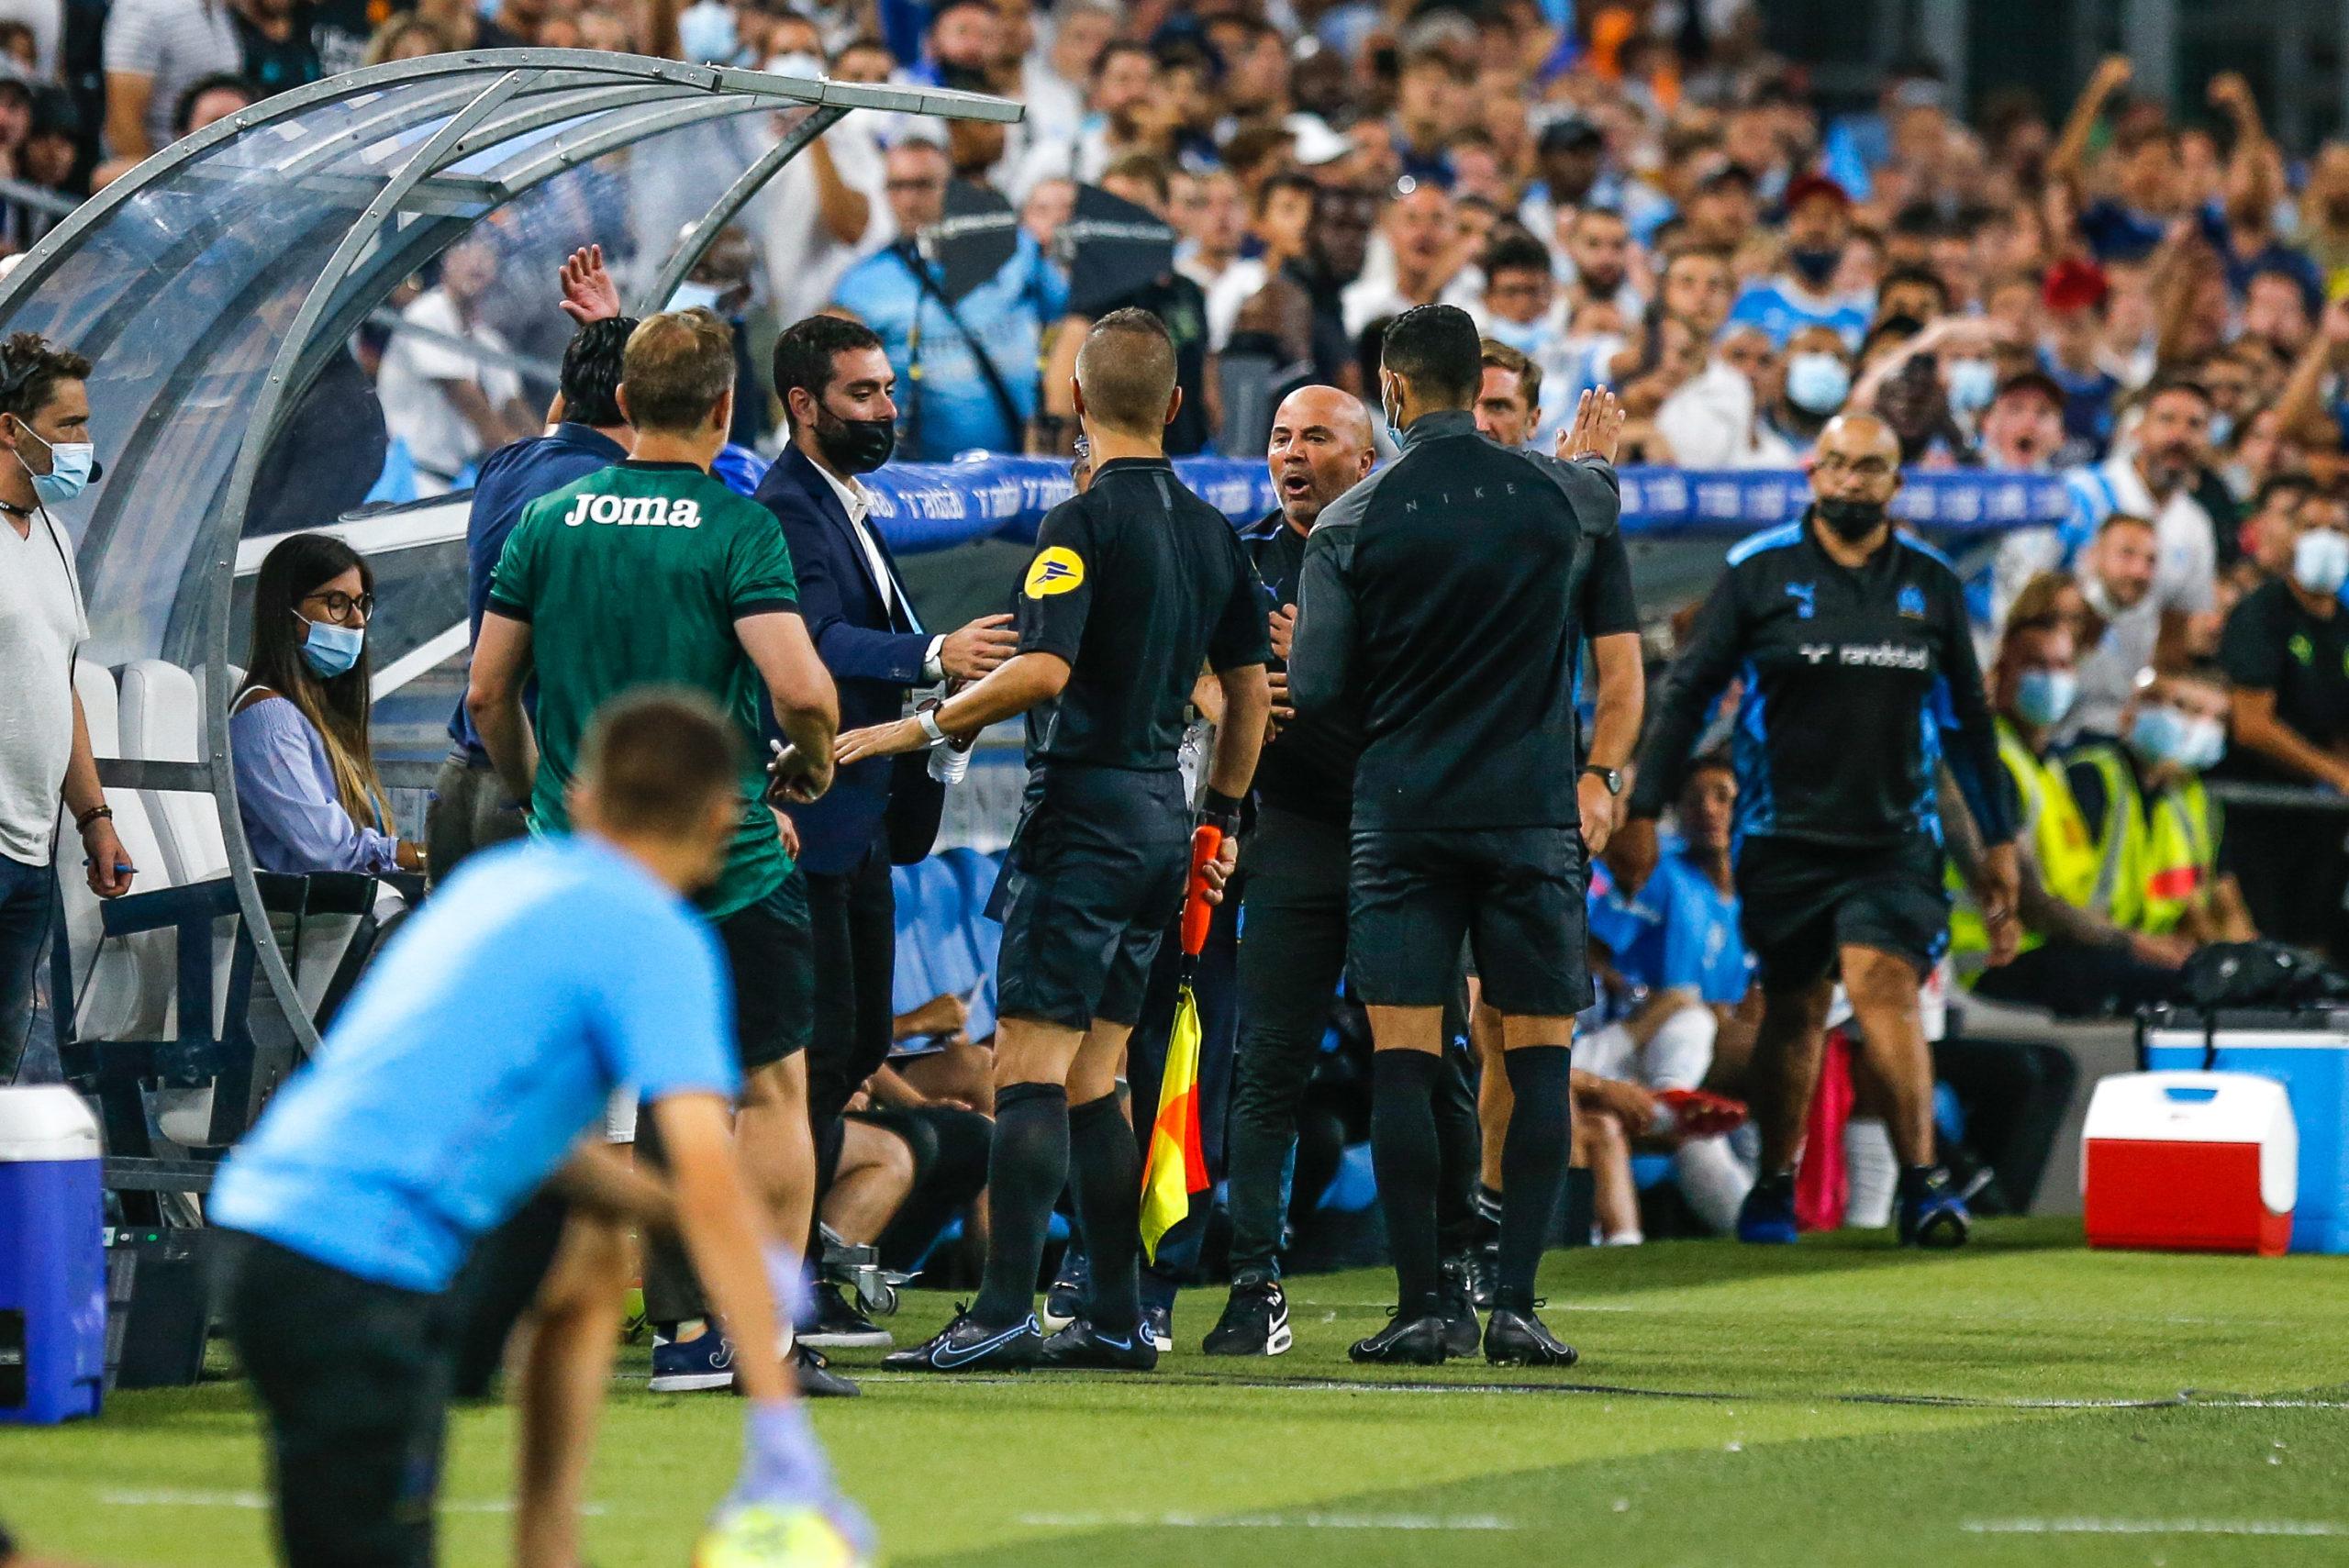 OM/Villarreal (2-1) - Emery et Sampaoli tout proche d'en venir aux mains